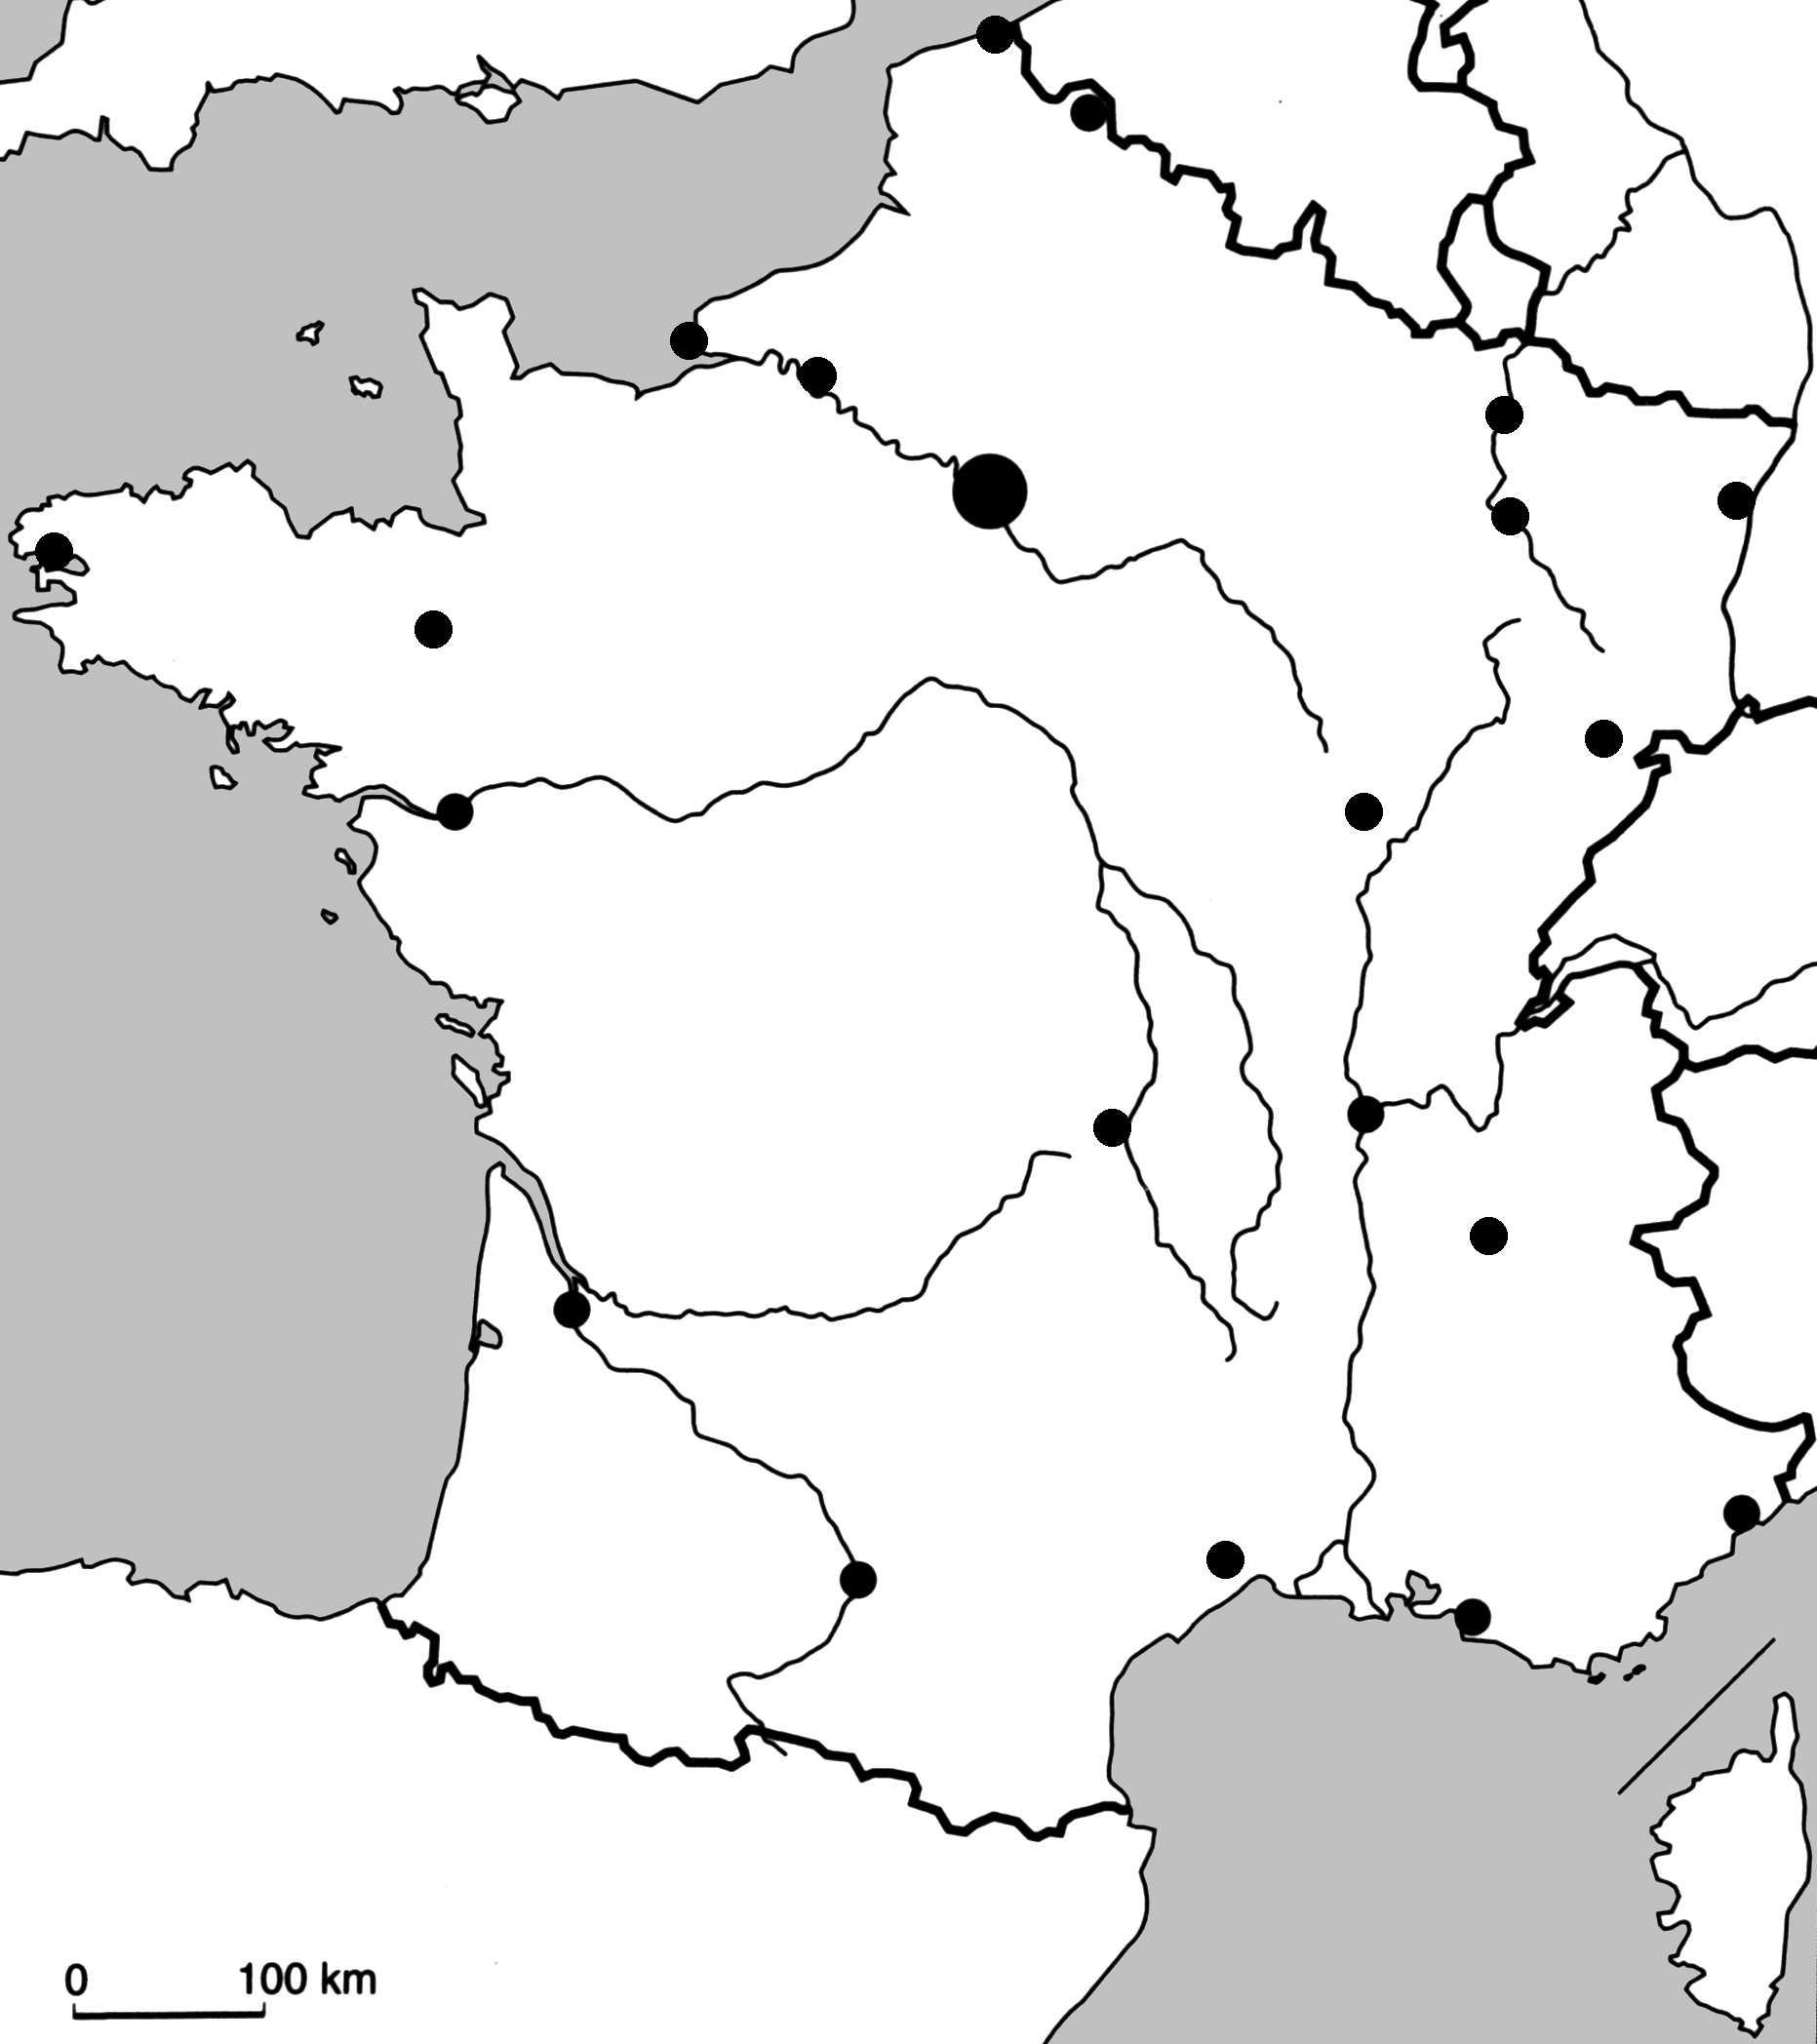 Carte De France Vierge À Compléter En Ligne | My Blog serapportantà Imprimer Une Carte De France